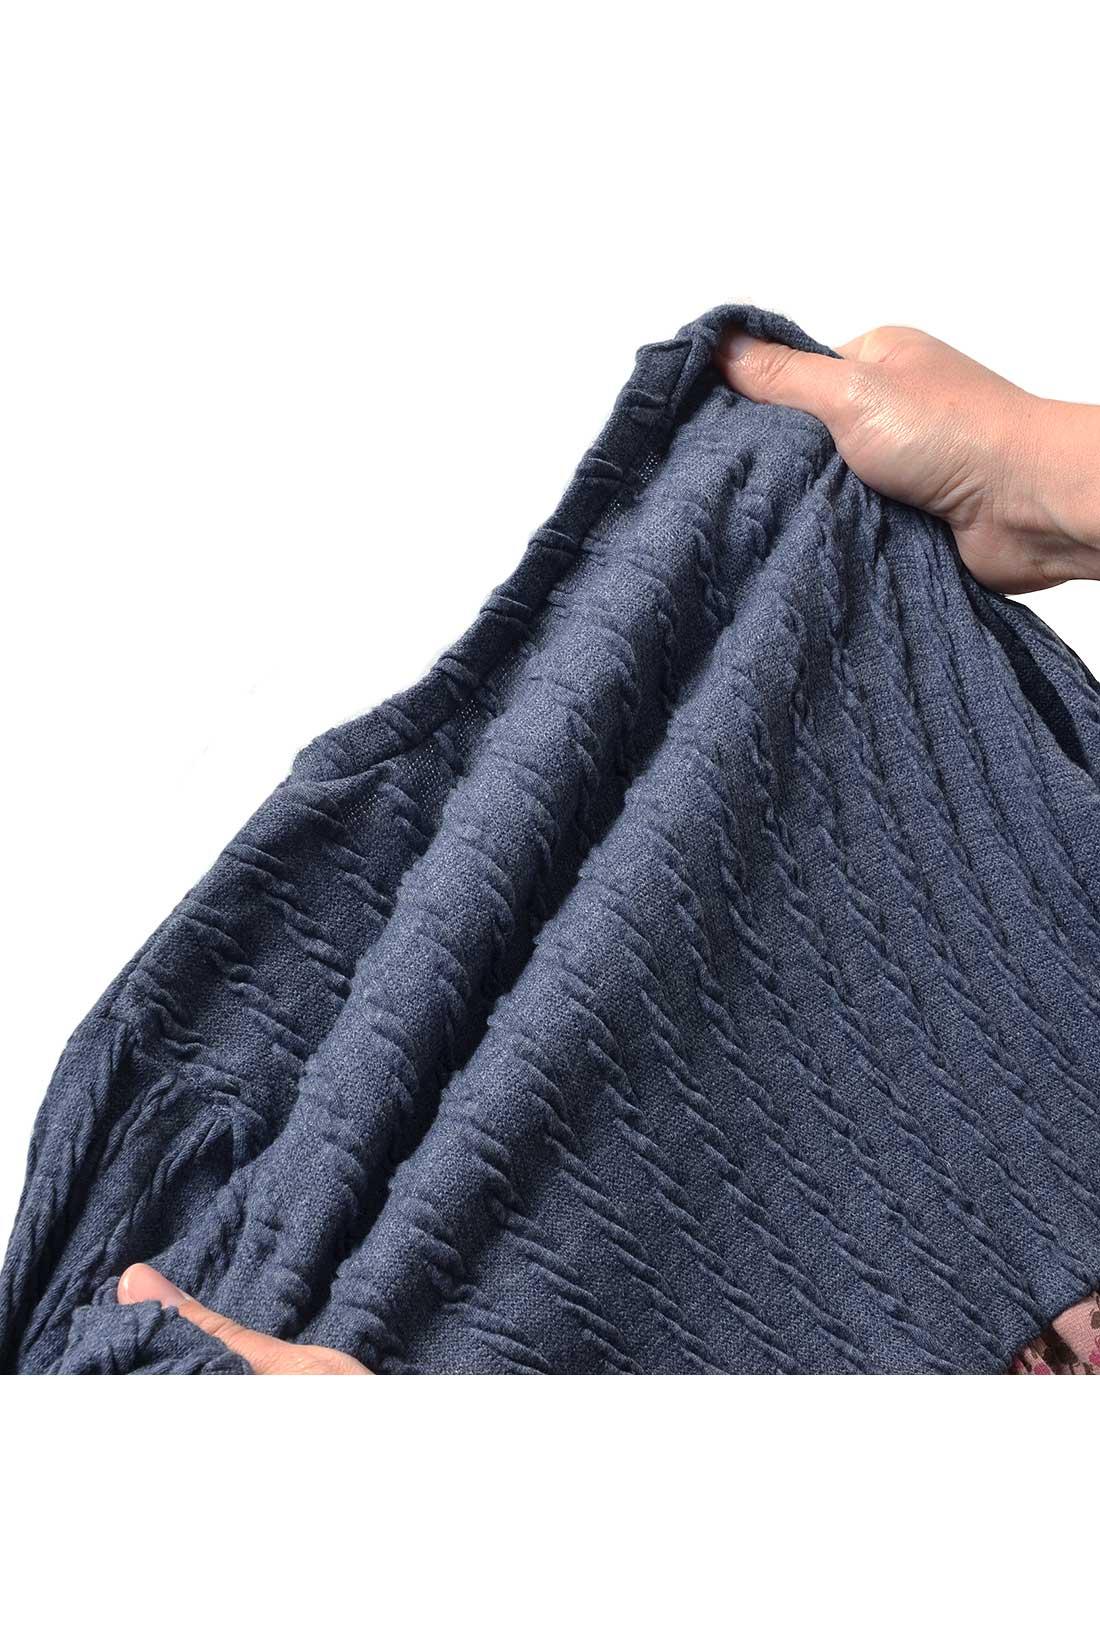 カーデ部分はニットみたいなケーブル柄のストレッチカットソー素材。ぐーんと伸びて、心地よくからだにフィットします。